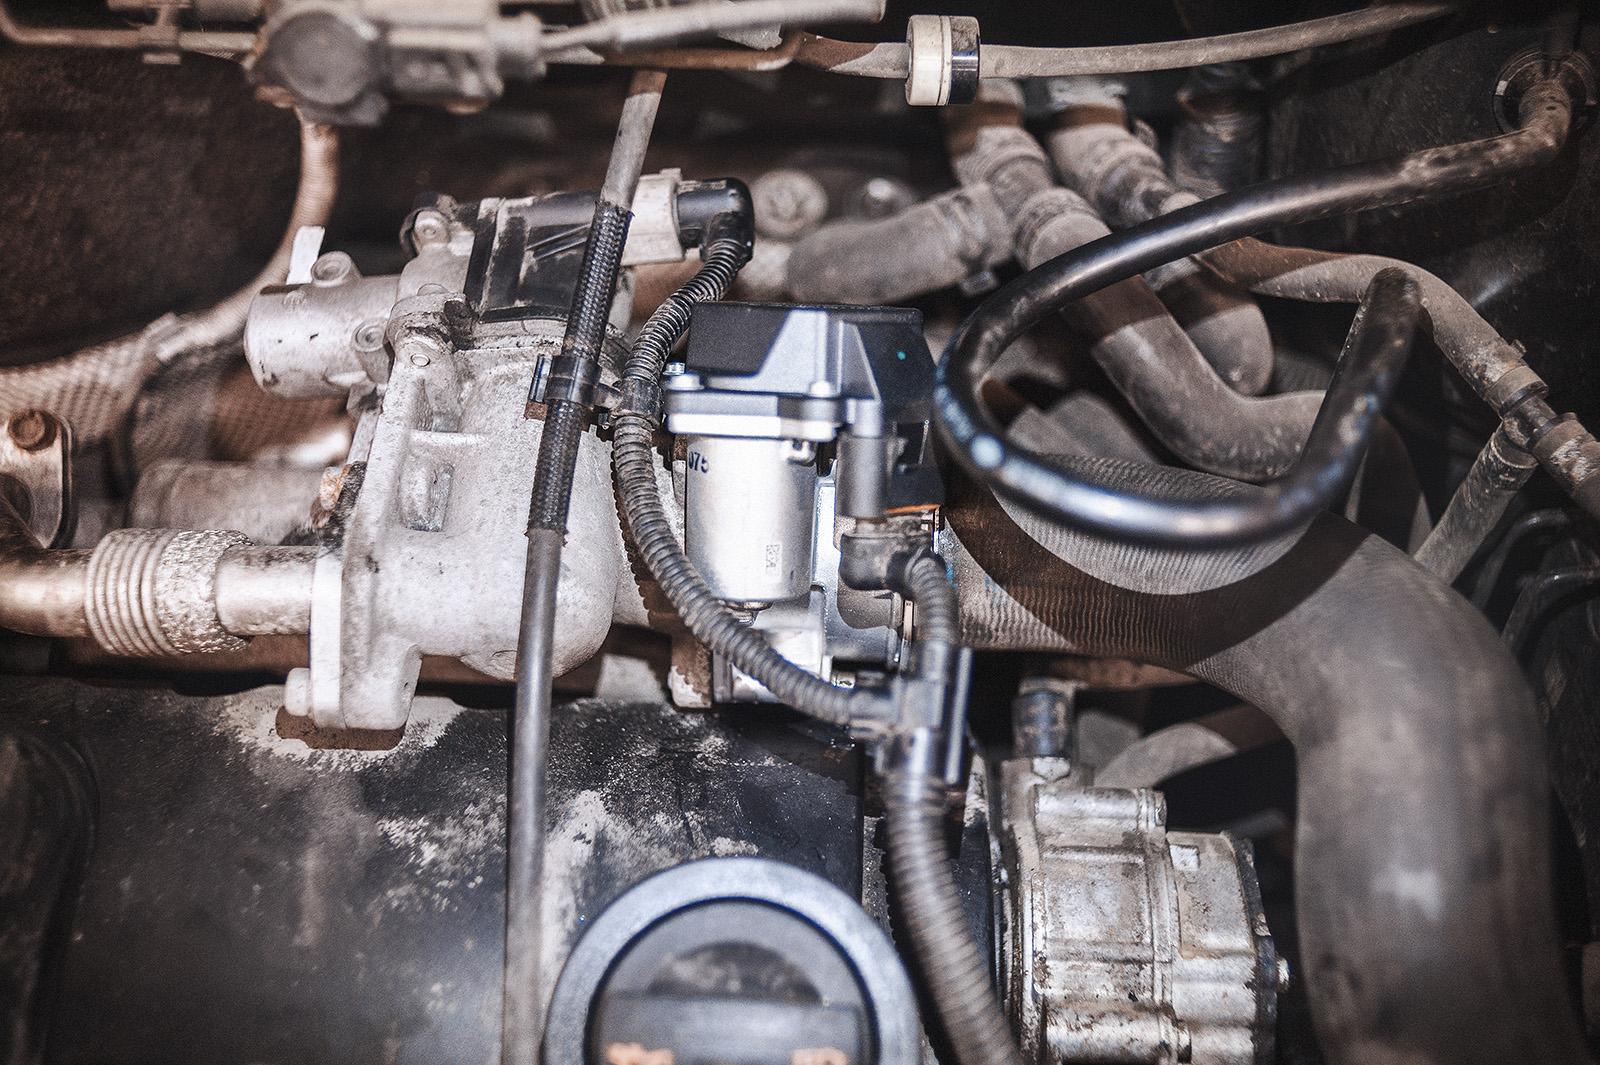 Дроссель в фольксваген транспортере фольксваген транспортер технические характеристики 1 9